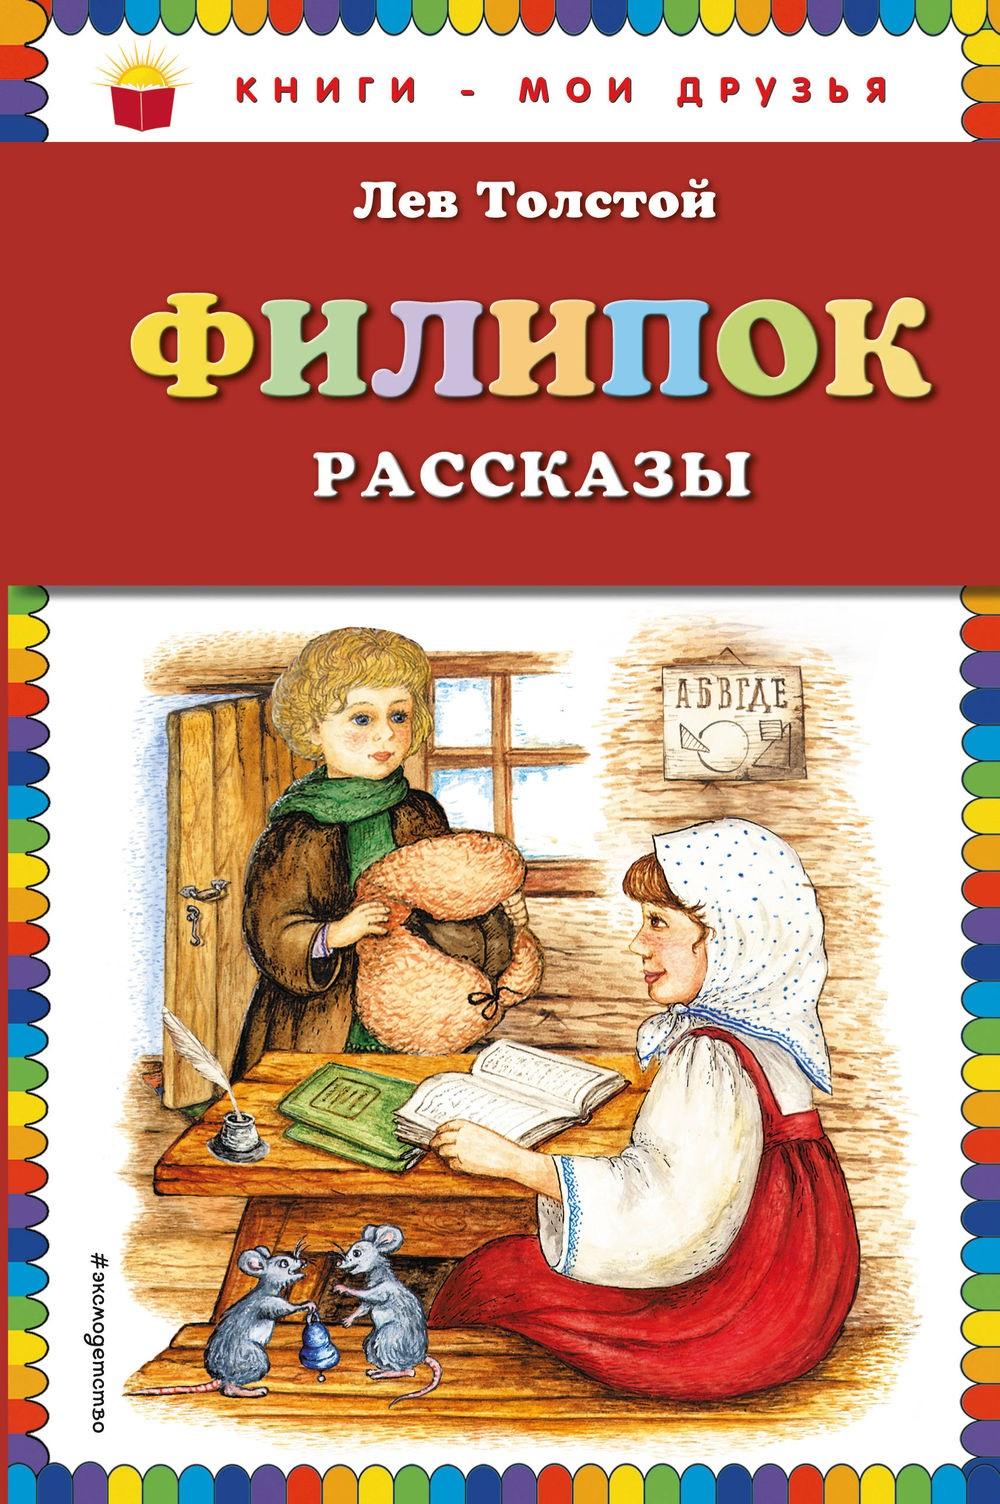 Купить Филипок. Рассказы, Лев Толстой, 978-5-04-004318-7